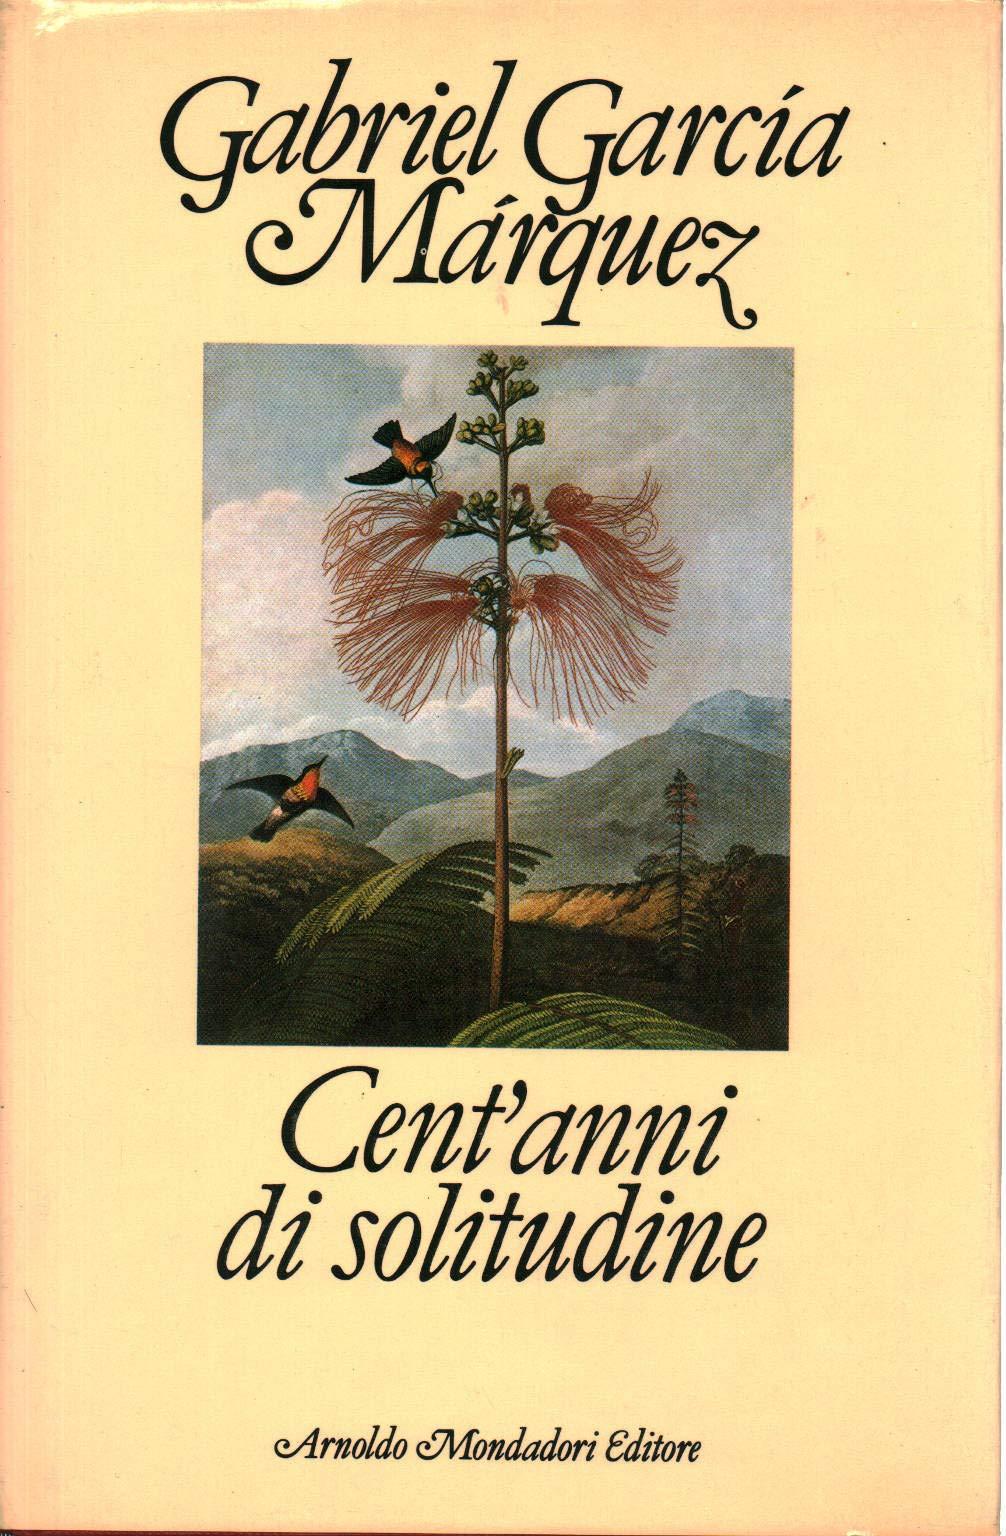 Amazon.it: Cent'anni di solitudine - Garcia Marquez, Gabriel - Libri